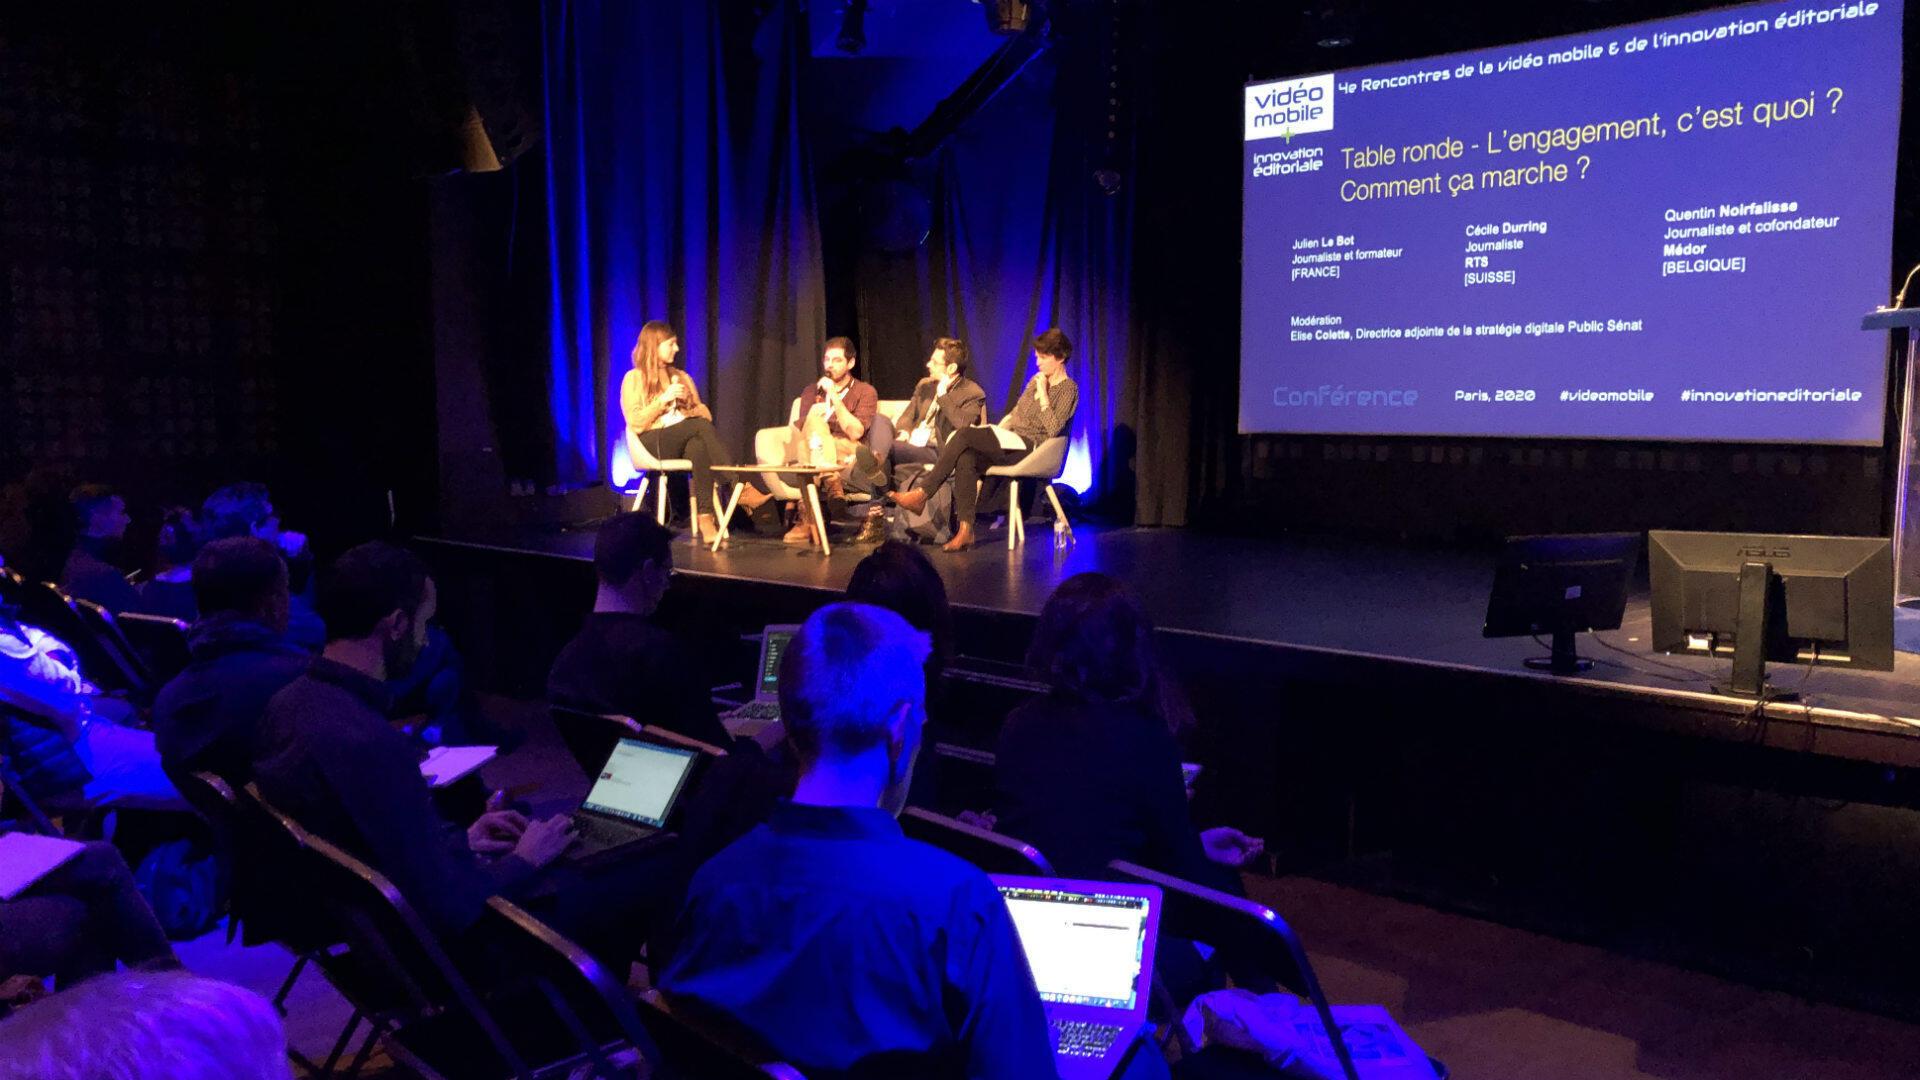 Les 4e Rencontres de la vidéo mobile et de l'innovation éditoriale se sont tenues le 6 février 2020 à Paris.